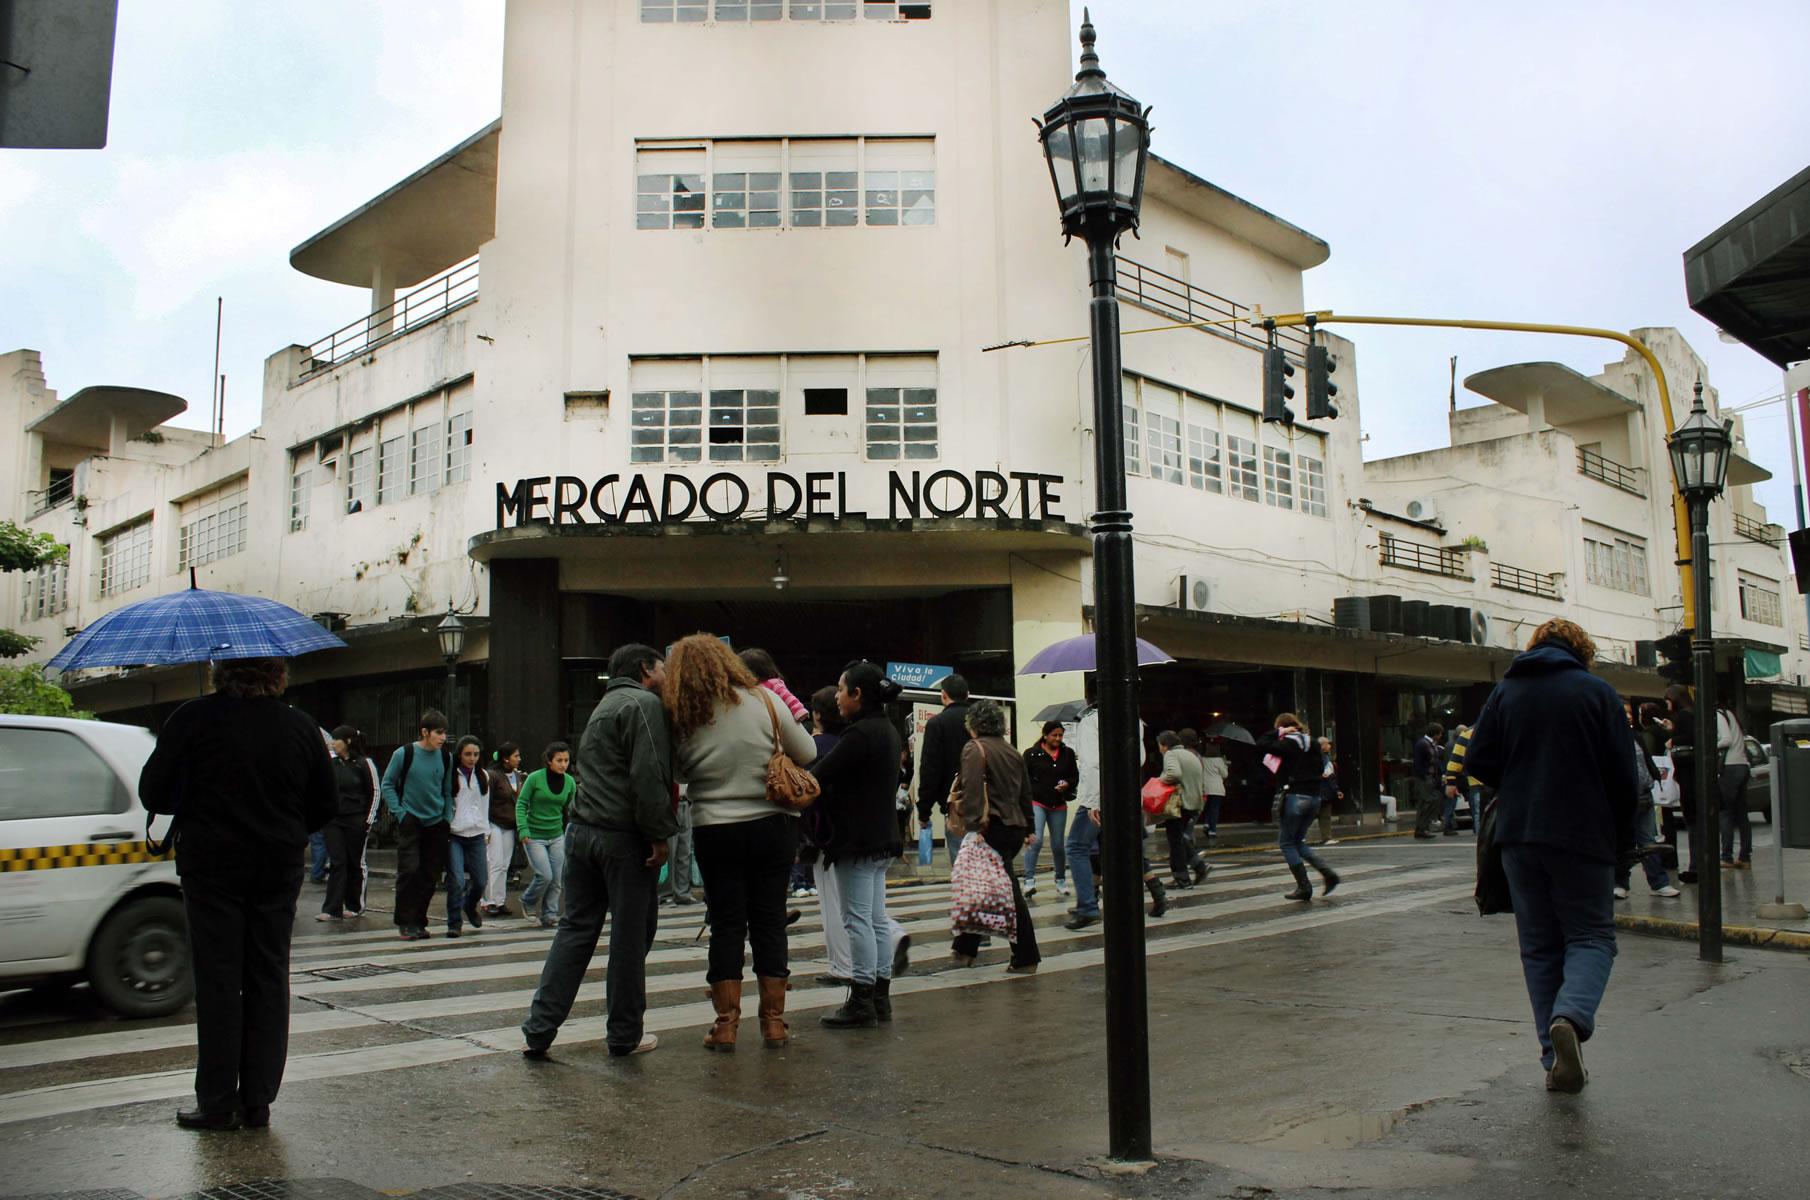 Imagen Mercado del Norte